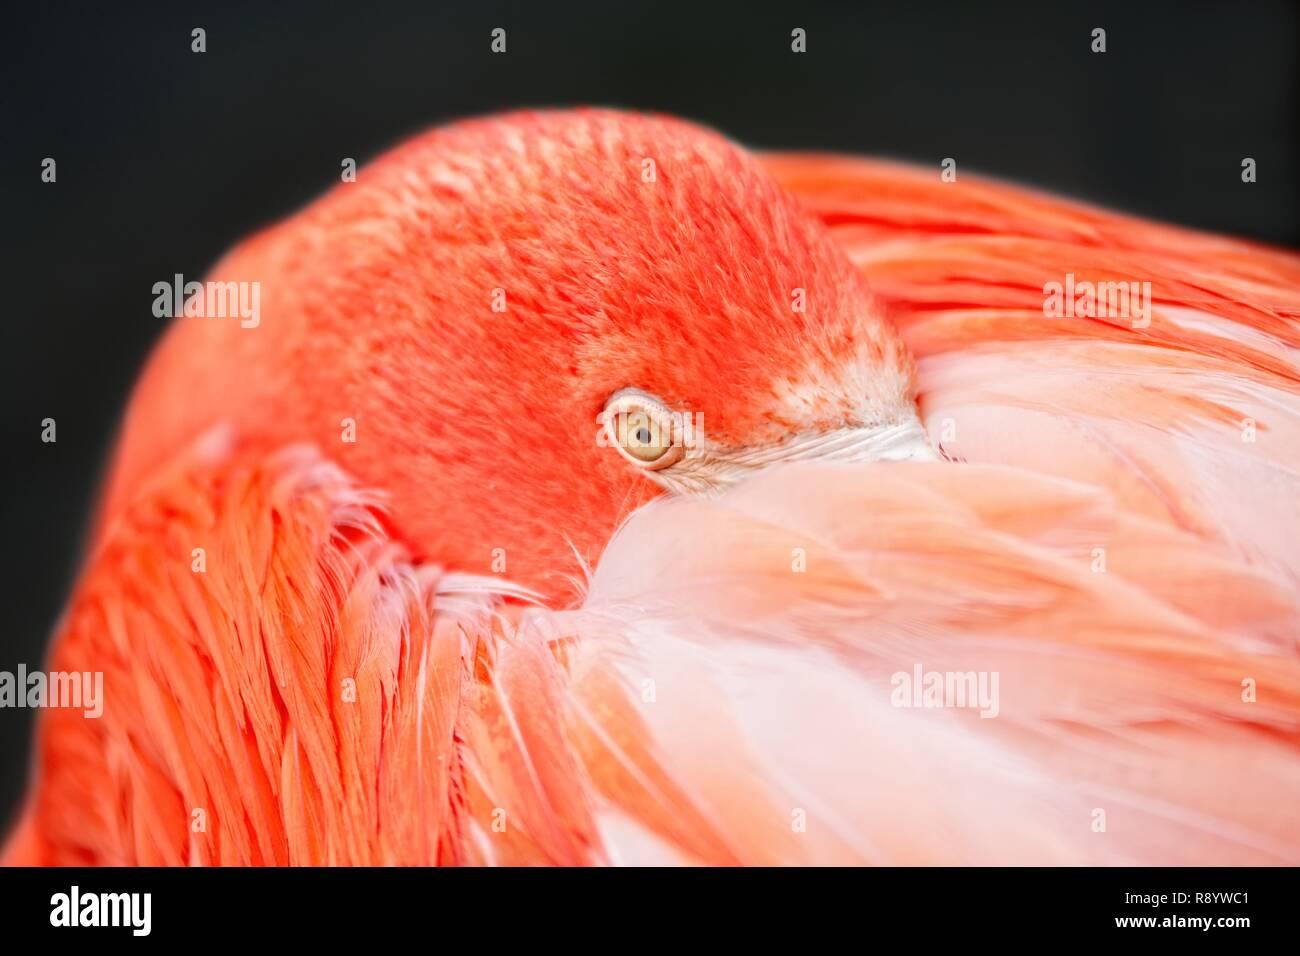 Libre d'un flamant rose - couleur corail vivant avec fond noir. Photo Stock